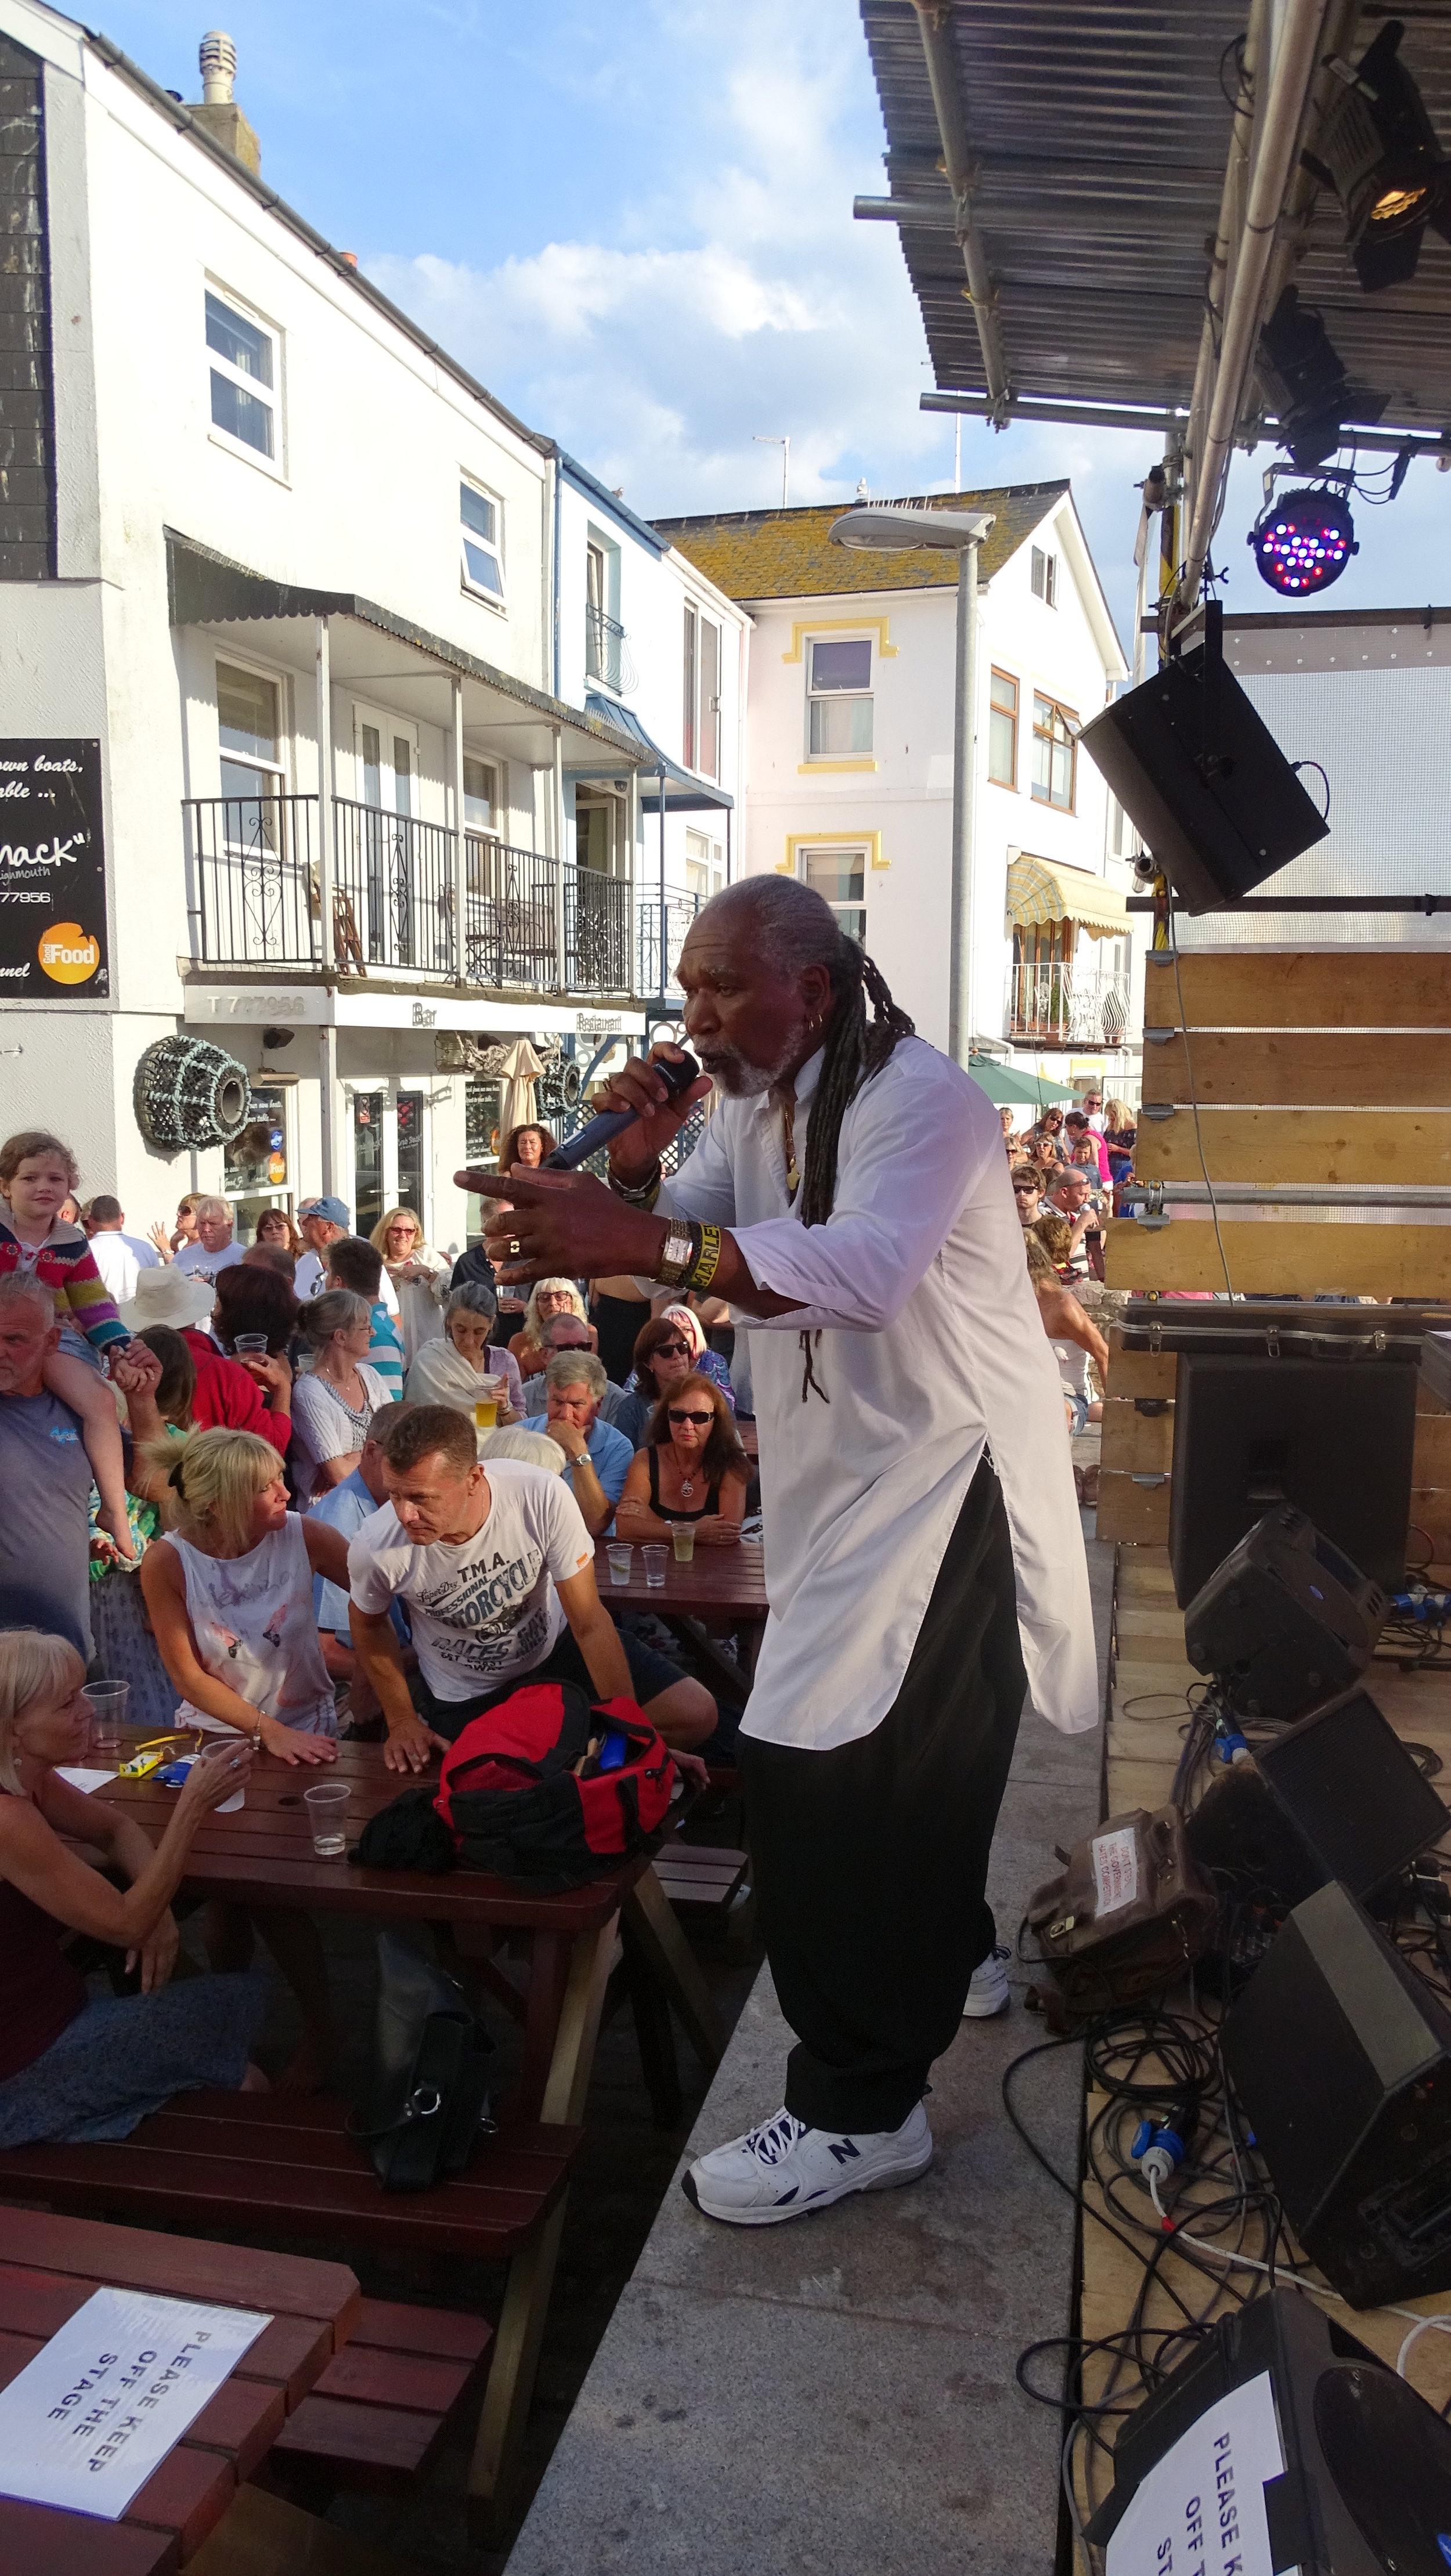 The ship inn music festival p2 271.JPG